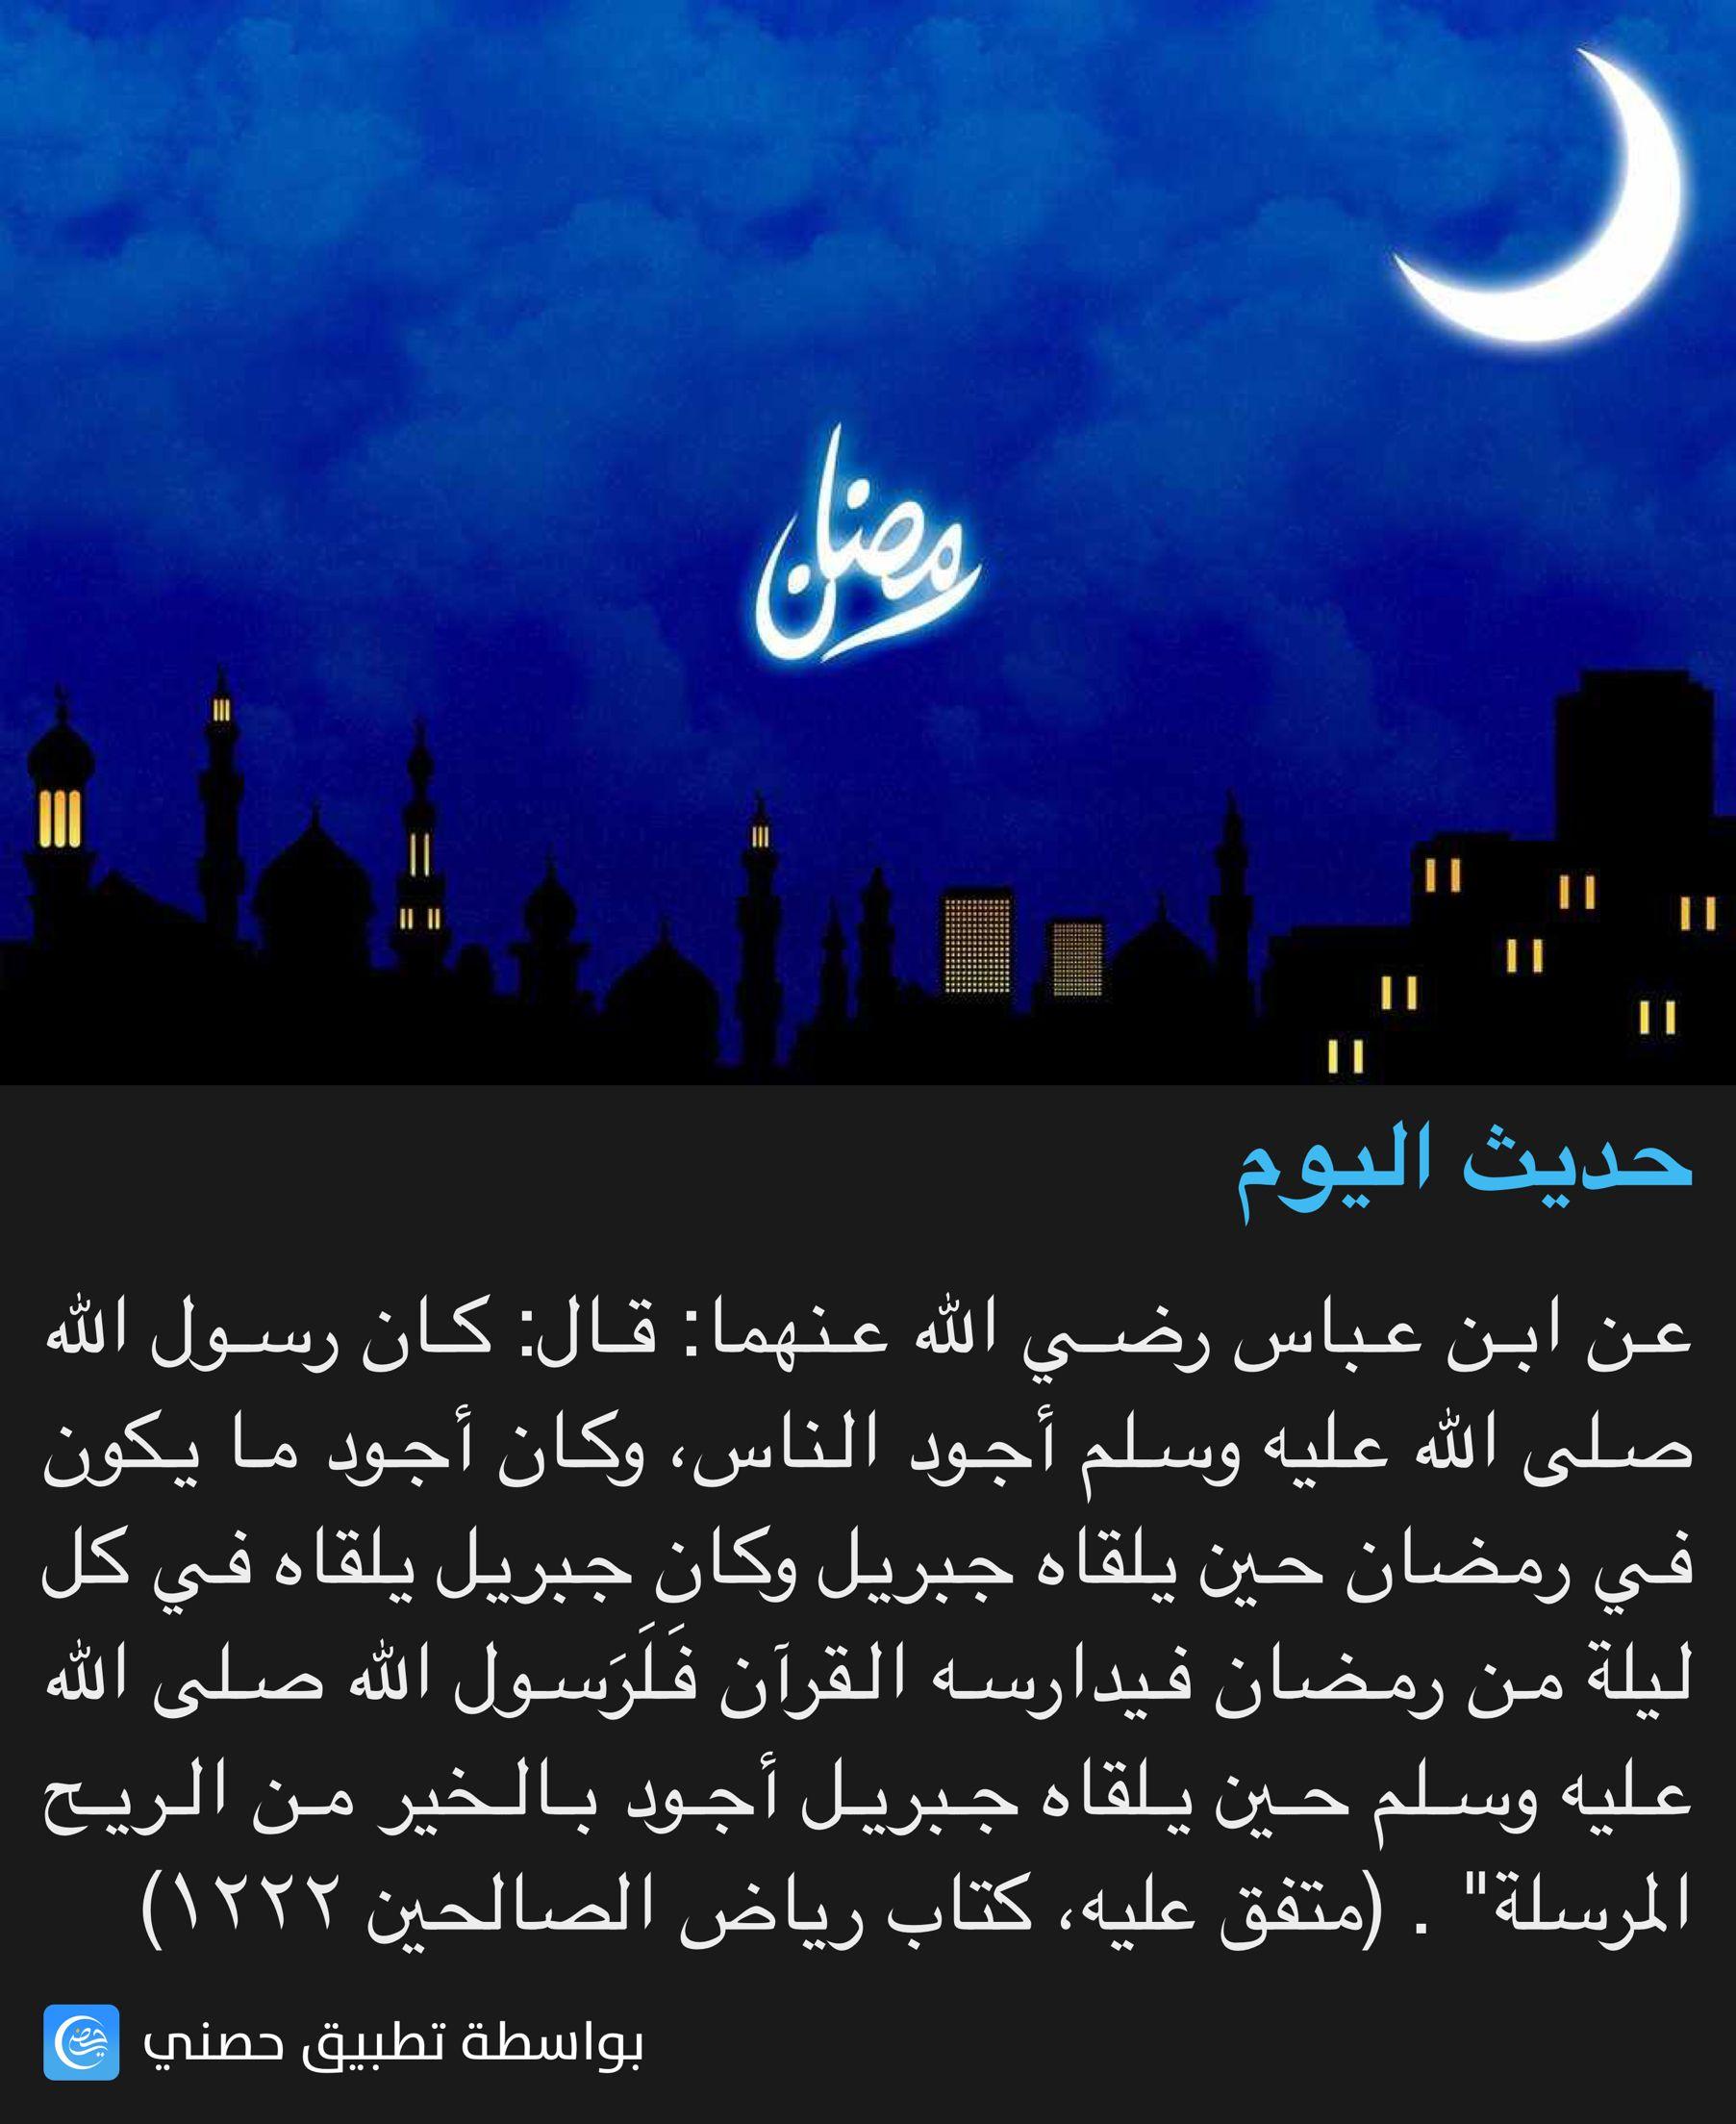 حديث اليوم Hadith Islam